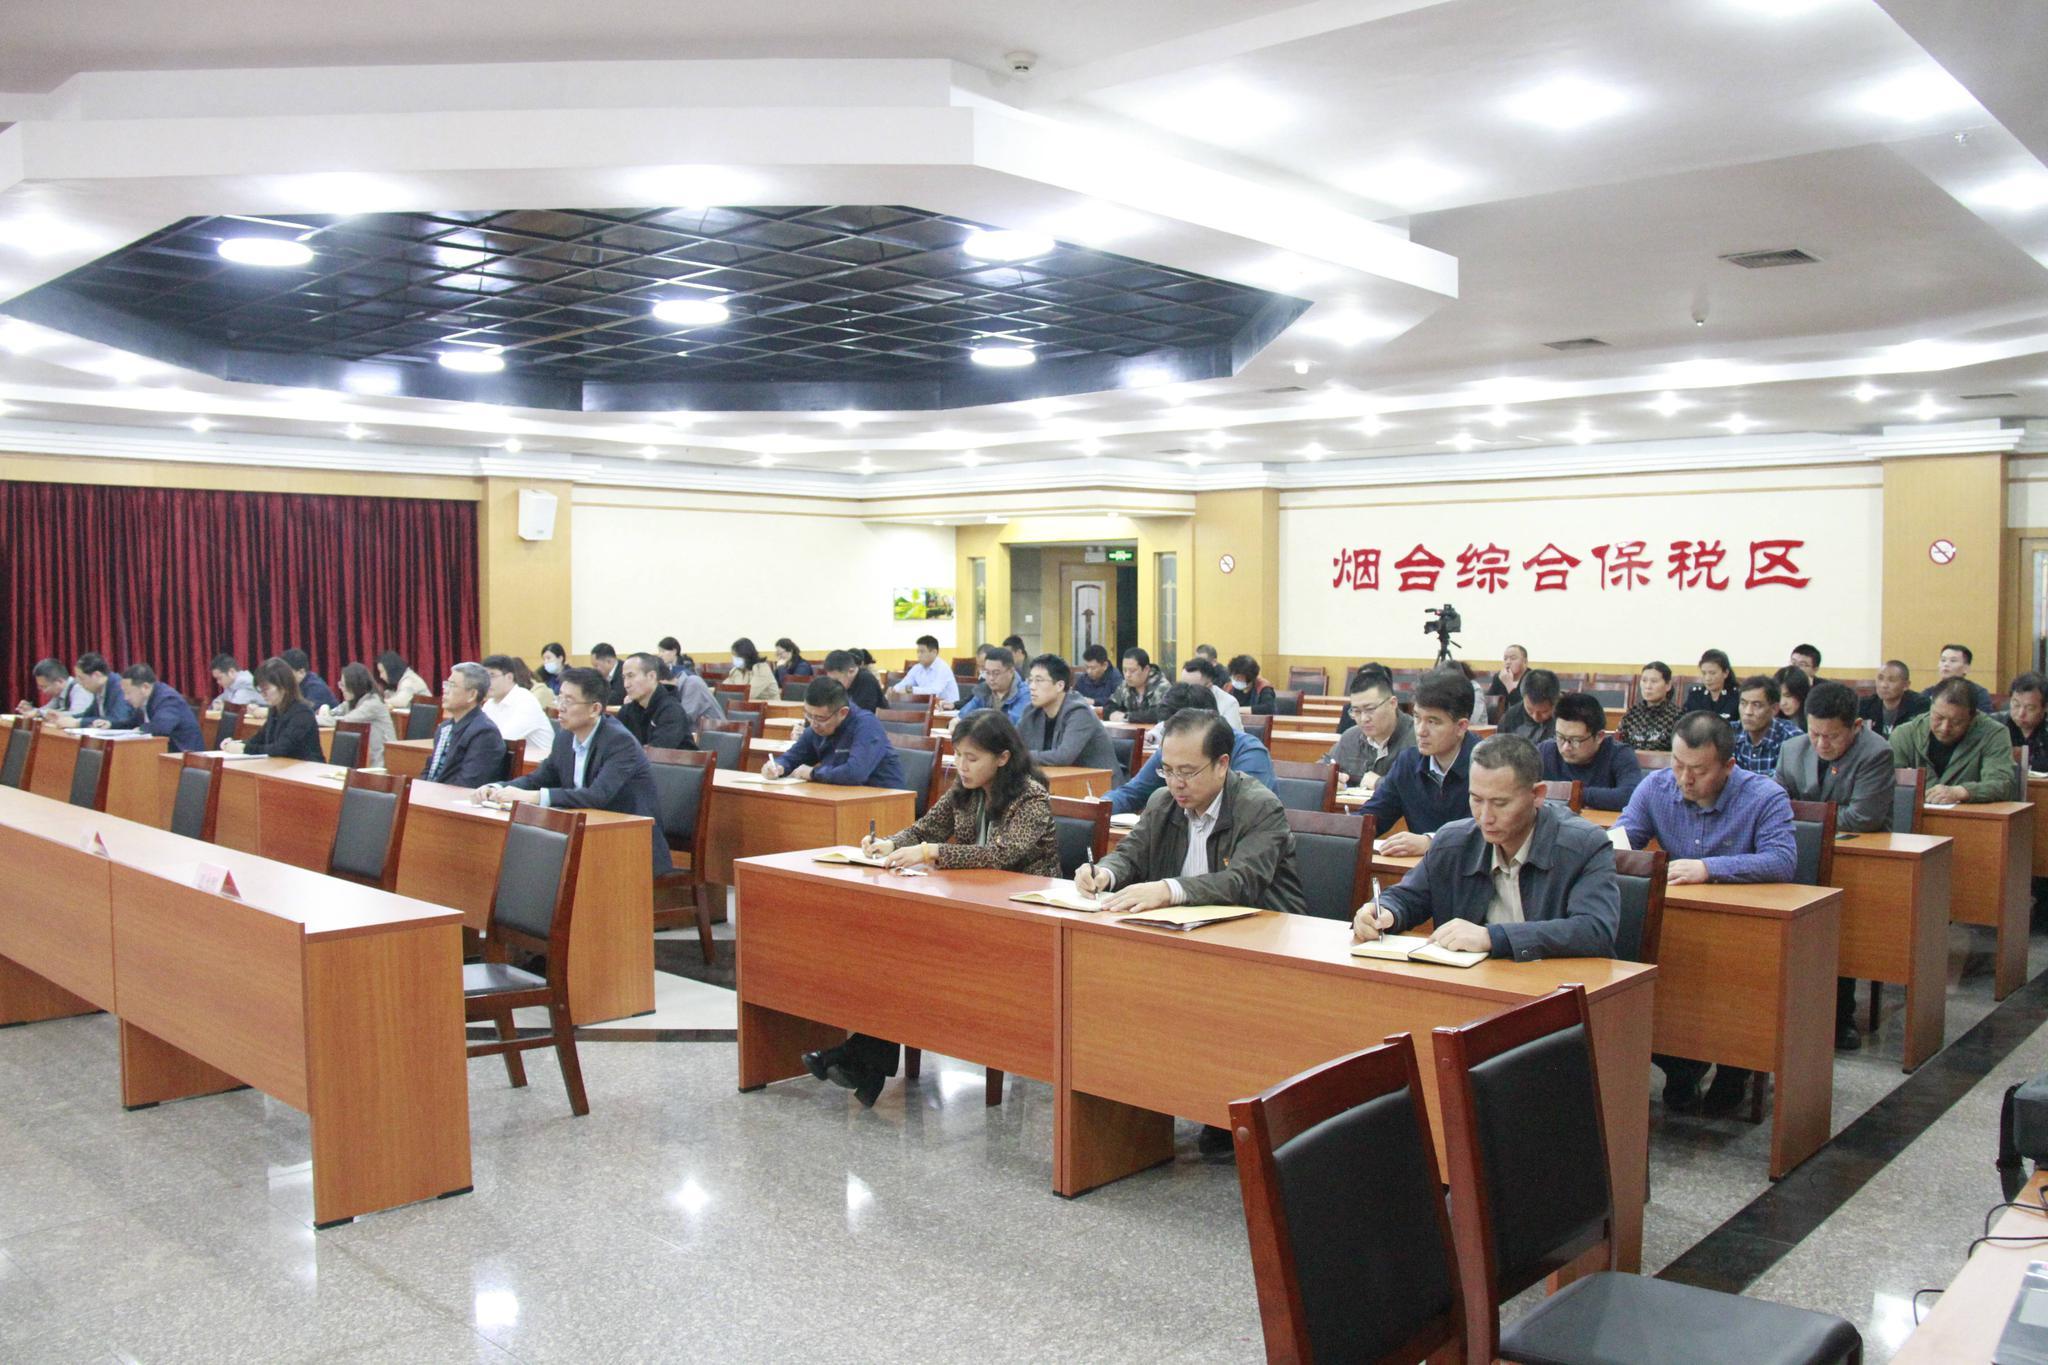 烟台综合保税区召开高质量发展动员大会暨作风建设推进会议